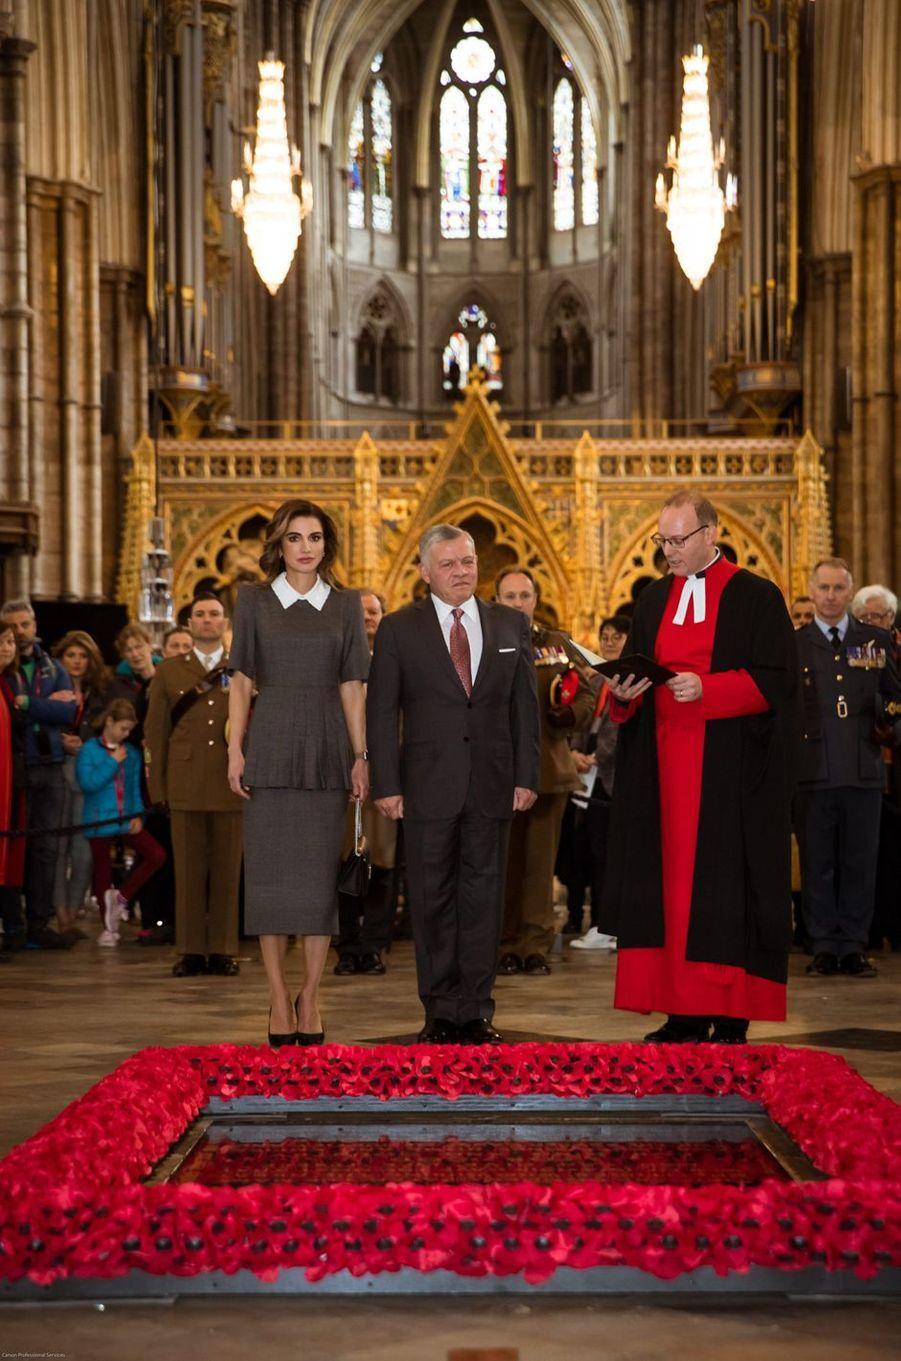 Le roi Abdallah II et la reine Rania de Jordanie à Londres, le 28 février 2019